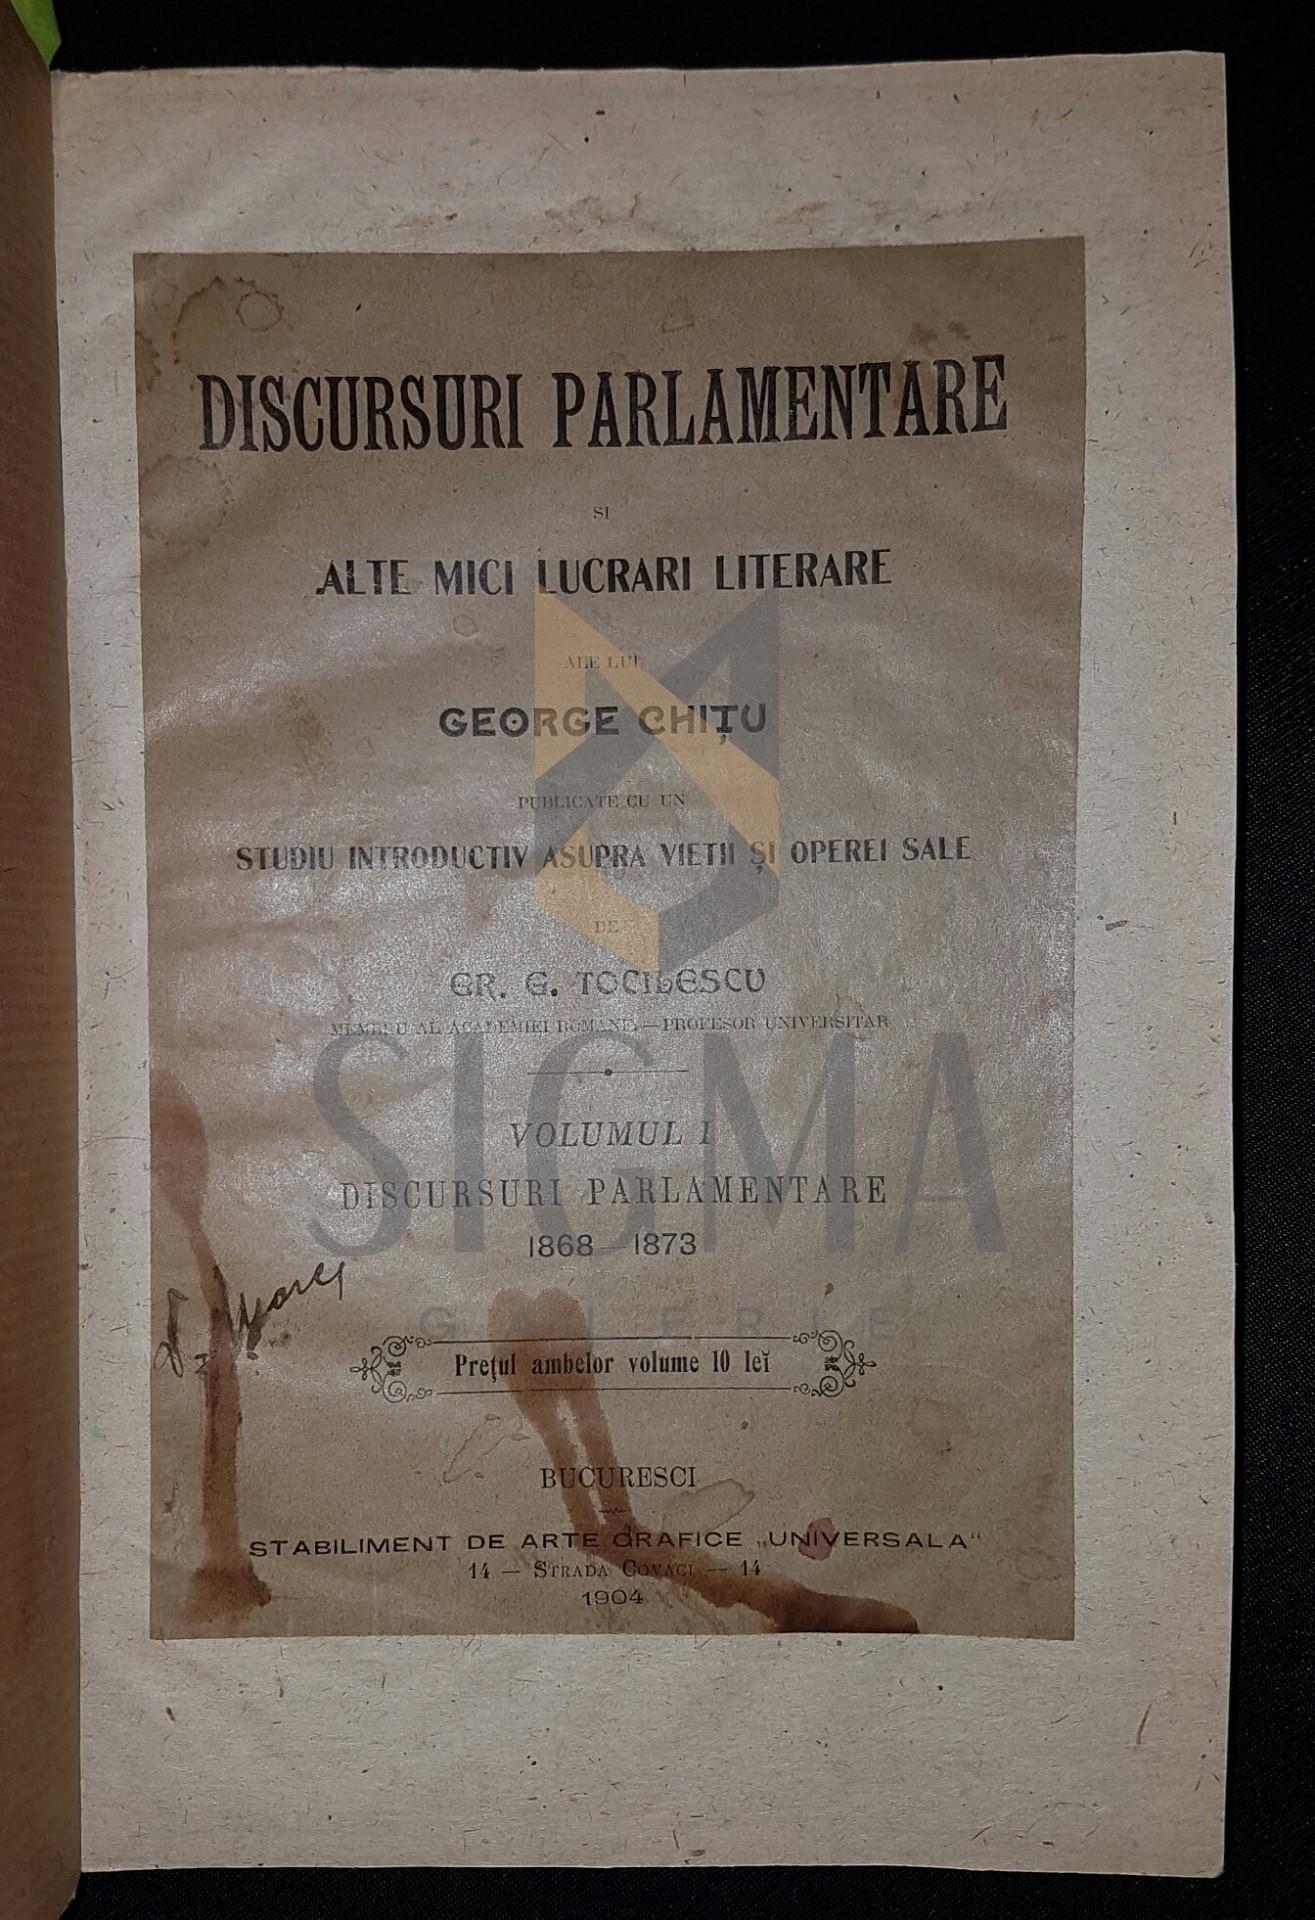 Discursuri parlamentare ale lui George Chitu